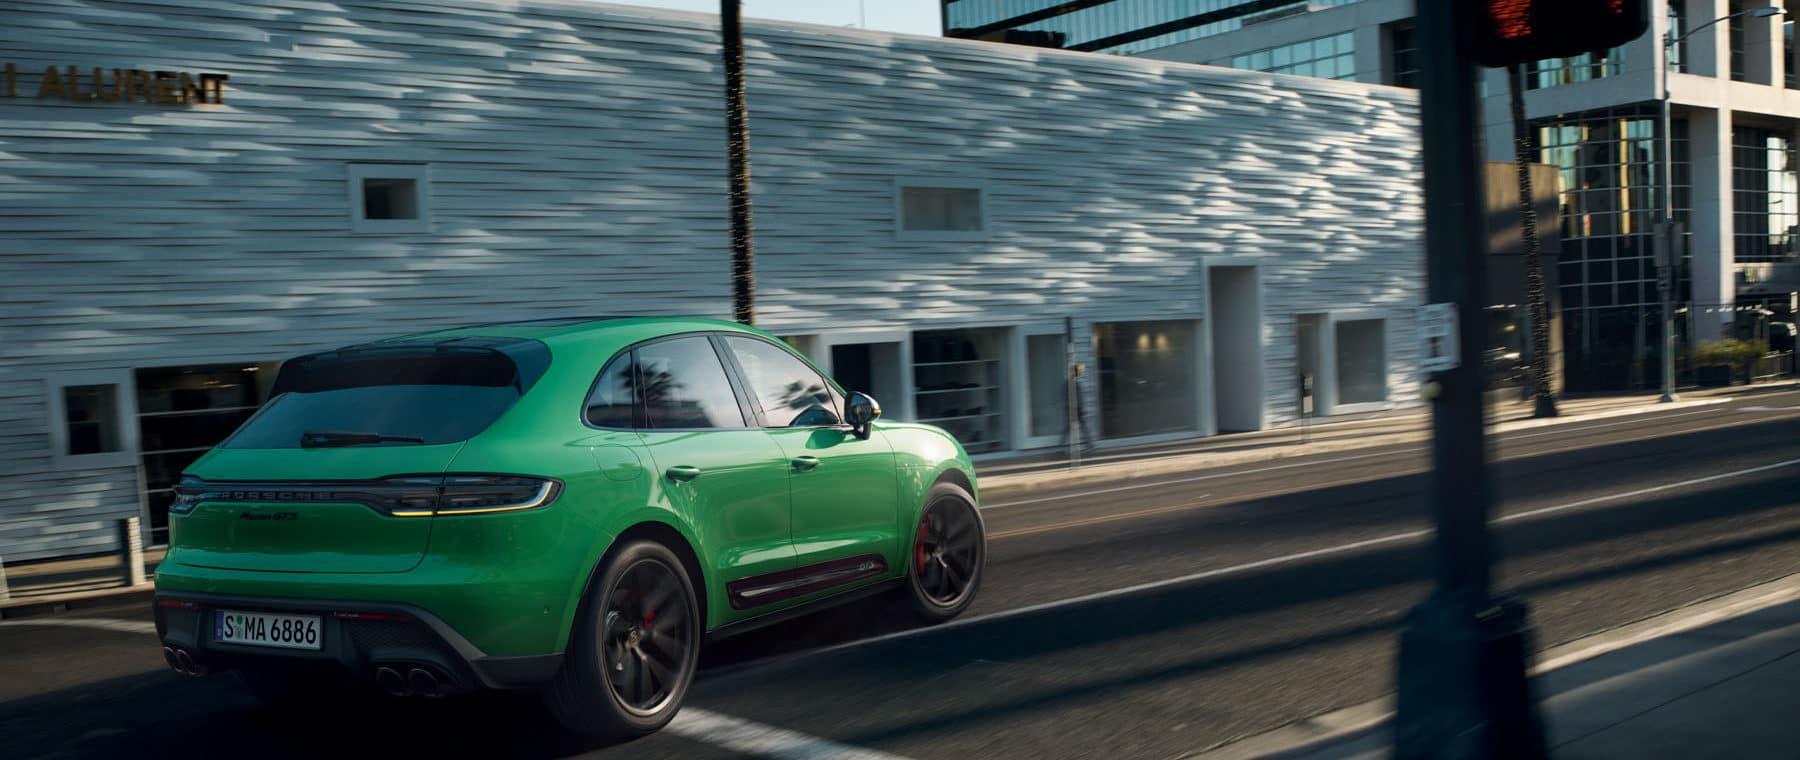 Welcome to Autobahn Porsche!